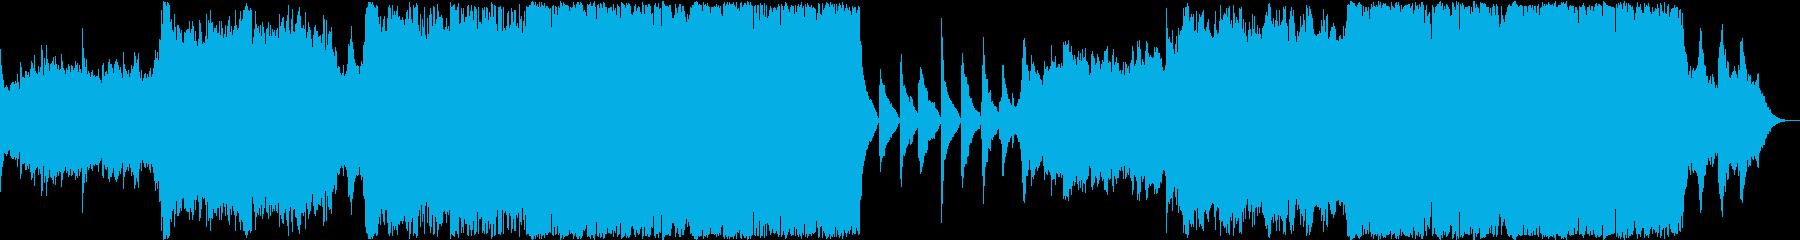 壮大で重厚なエピック音楽 感動シーンの再生済みの波形